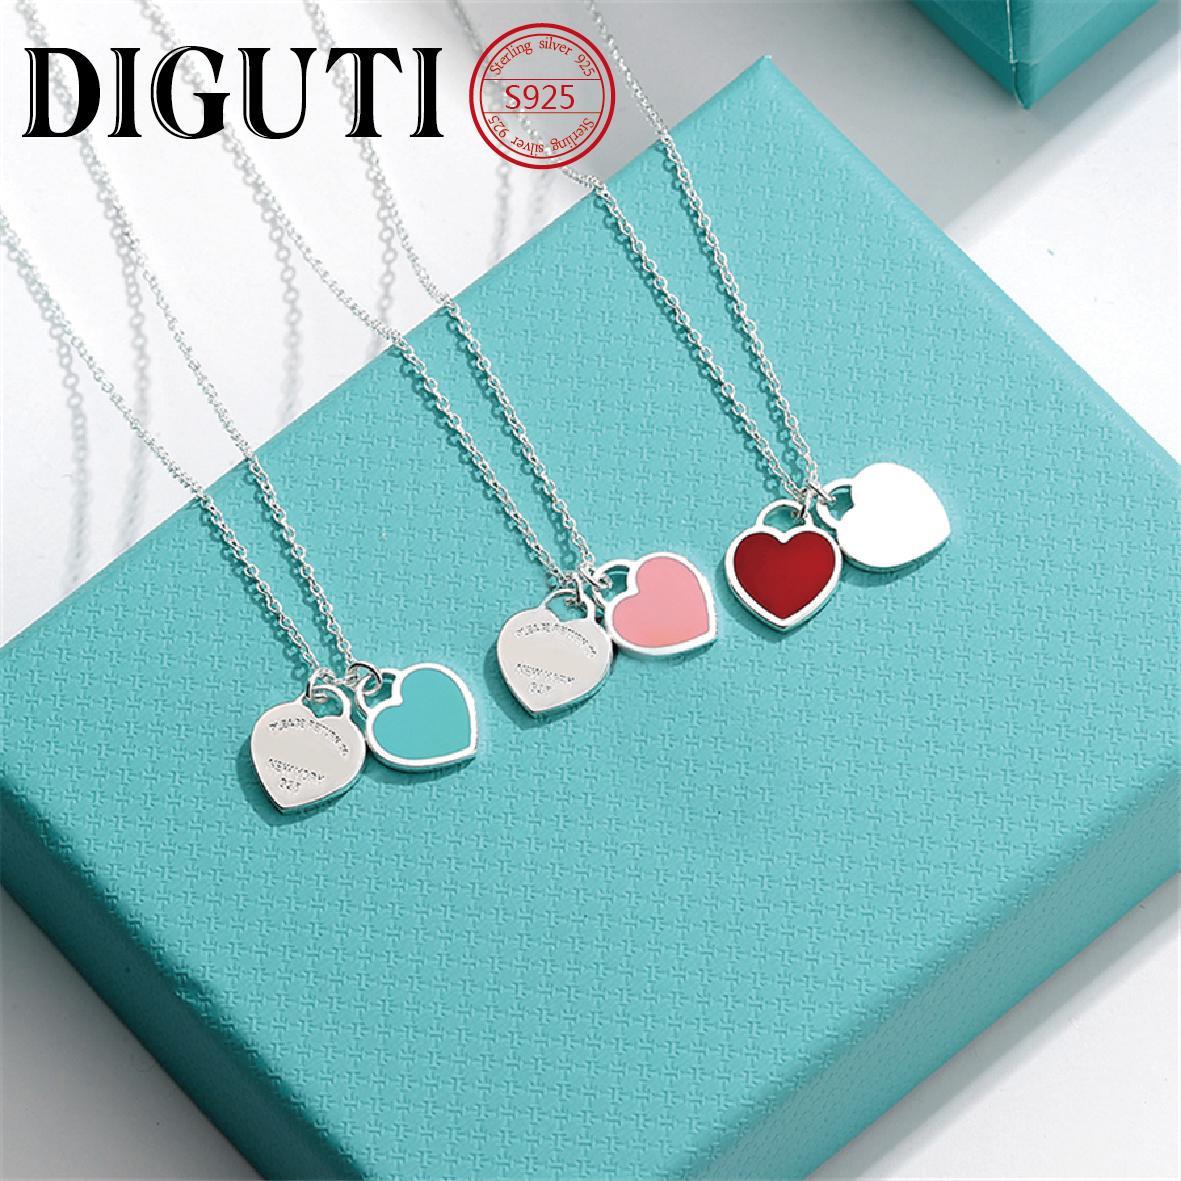 Tiff S925 Sterling Silver Silver Pendant Jewelry Artigianato di fascia alta, con logo ufficiale Blue Heart Collana all'ingrosso